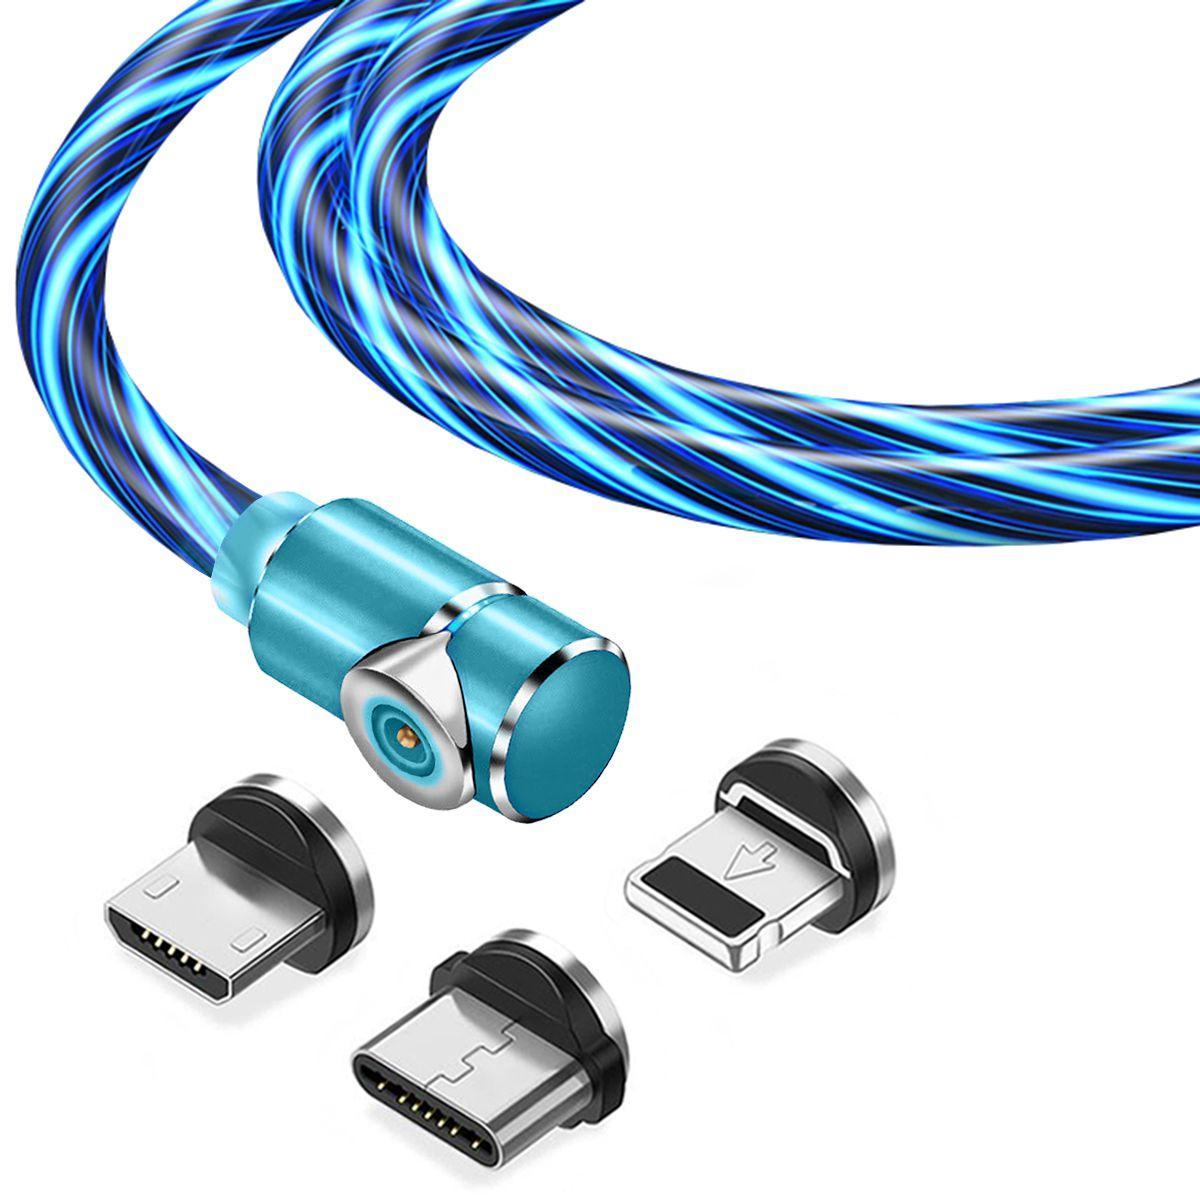 Магнитный кабель TOPK 3в1 (LZ) для зарядки (100 см) Blue